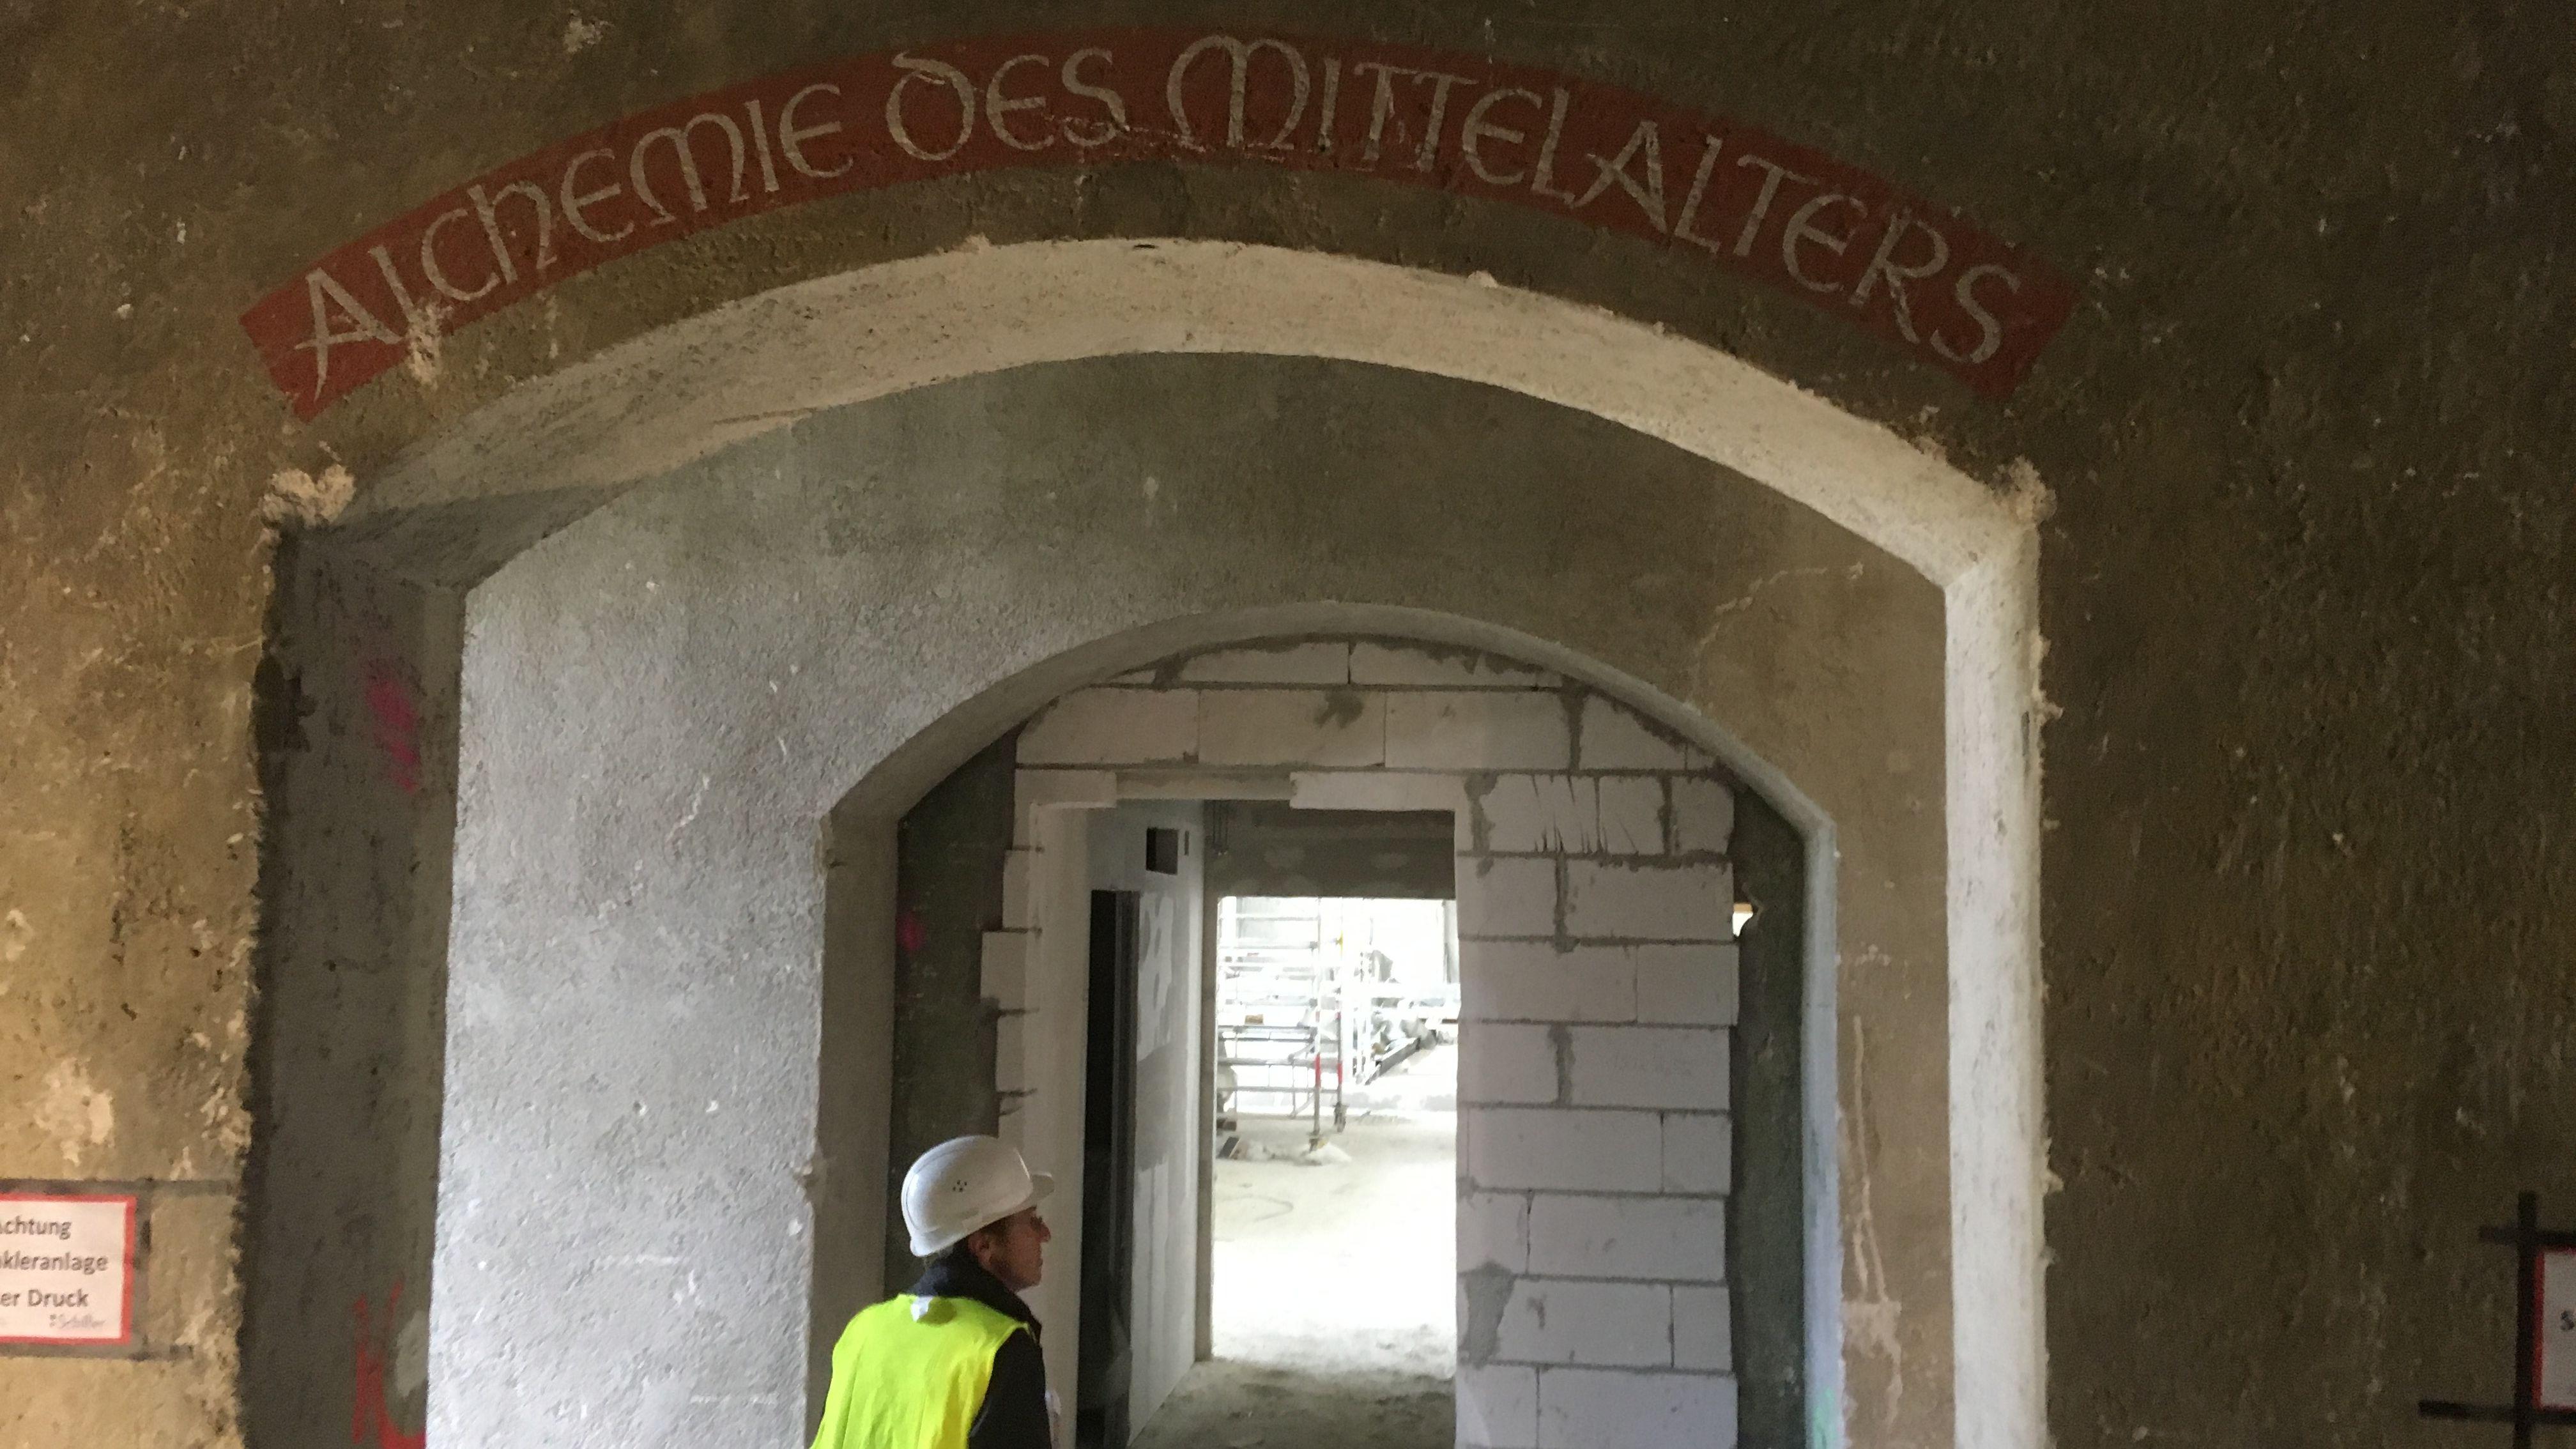 Da das Museum bei der jahrelangen Generalsanierung in den Rohbau zurückversetzt wird, kommen auch alte Schriftzüge aus der Entstehungszeit des Museums zum Vorschein.